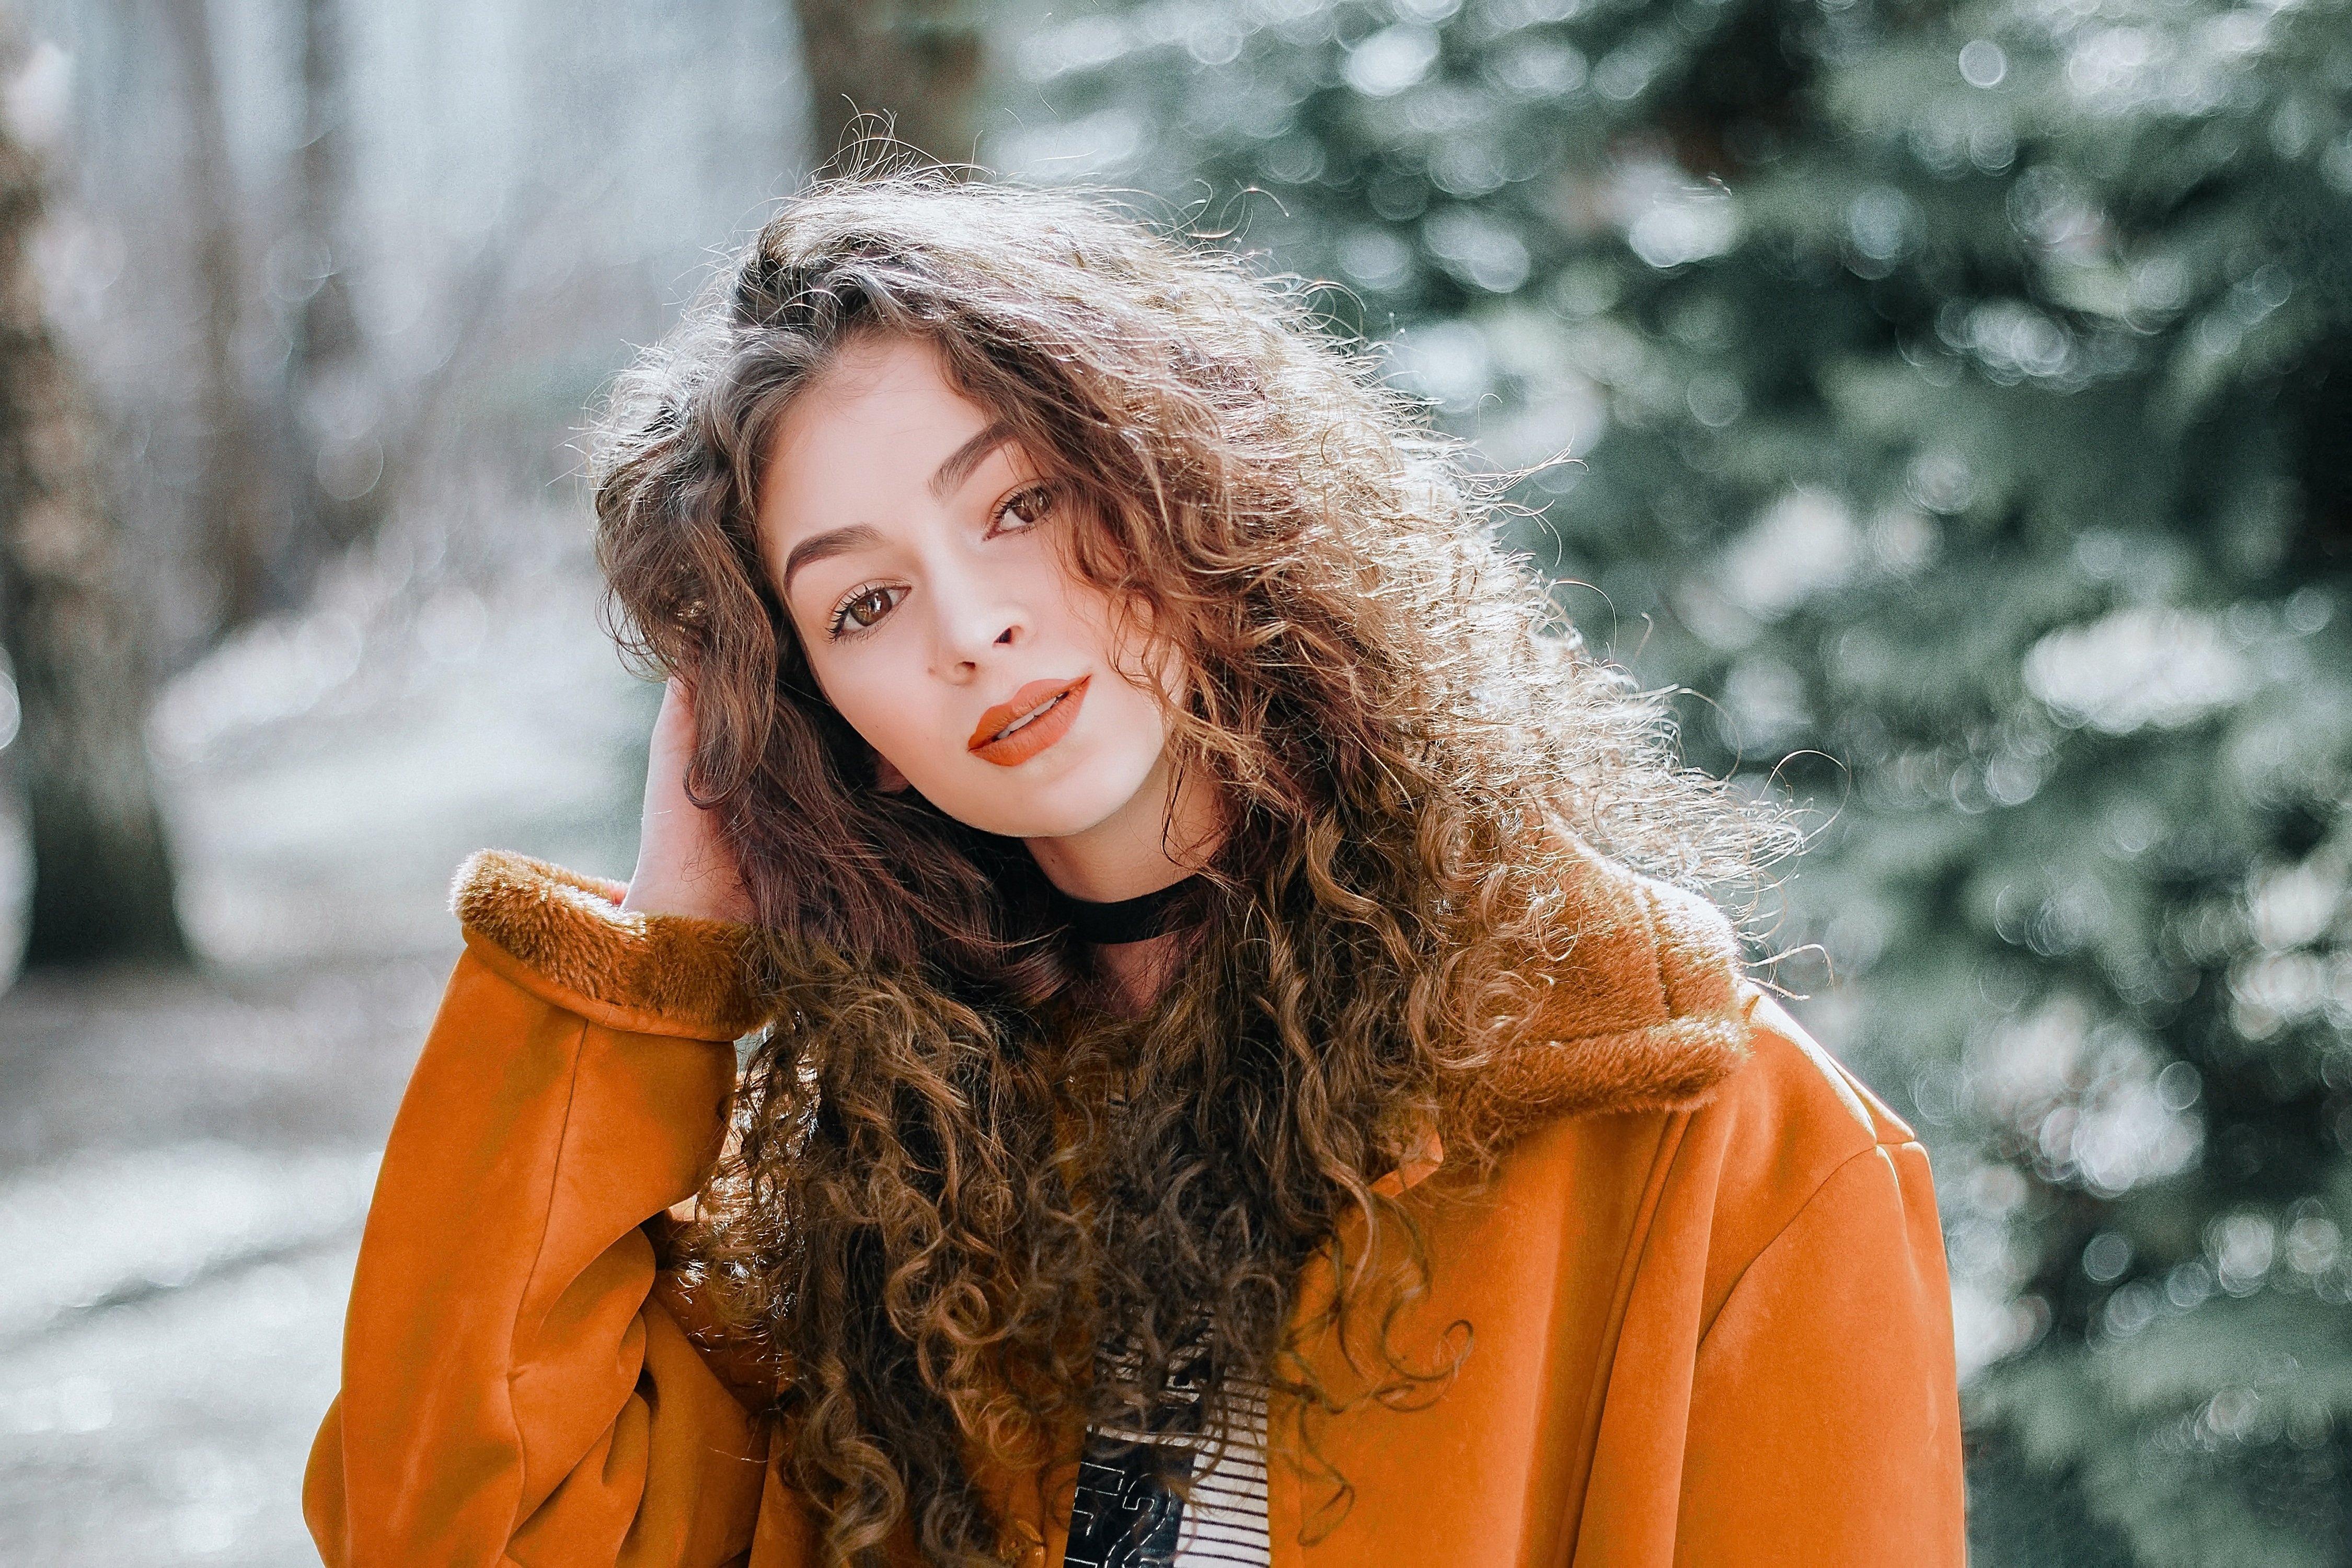 Color Palette – woman portrait model brunette –  #8f9591, #2b2a21, #a45619, #5d3117, #dec3b3 – Lost Soul Grey color, Maire color, Sienna color, Baker's Chocolate color, Coral Stone color